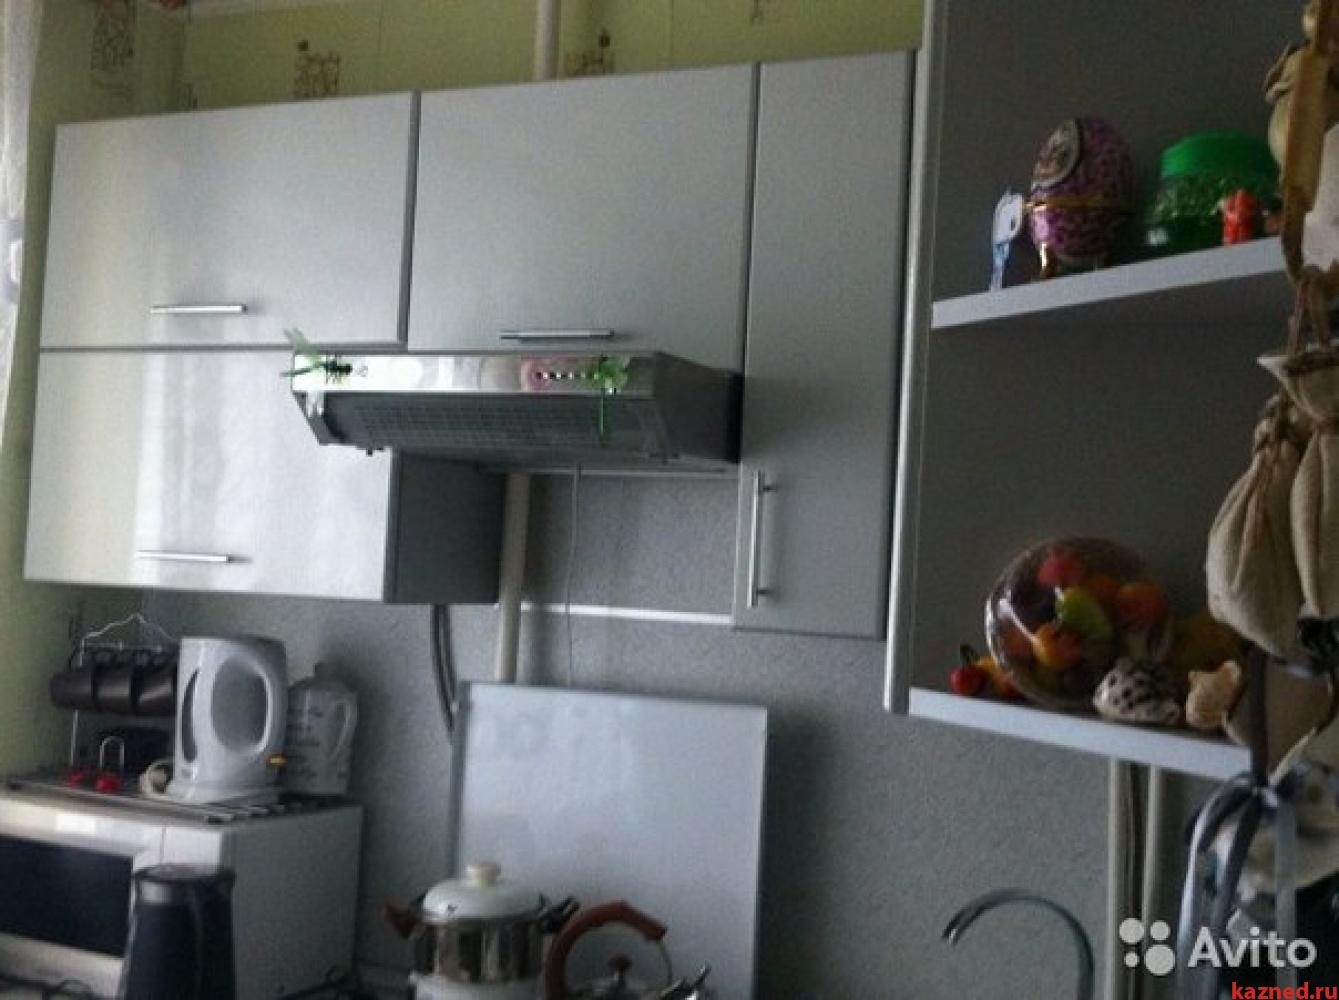 Продажа 2-к квартиры Братьев Касимовых, 86, 46 м² (миниатюра №2)